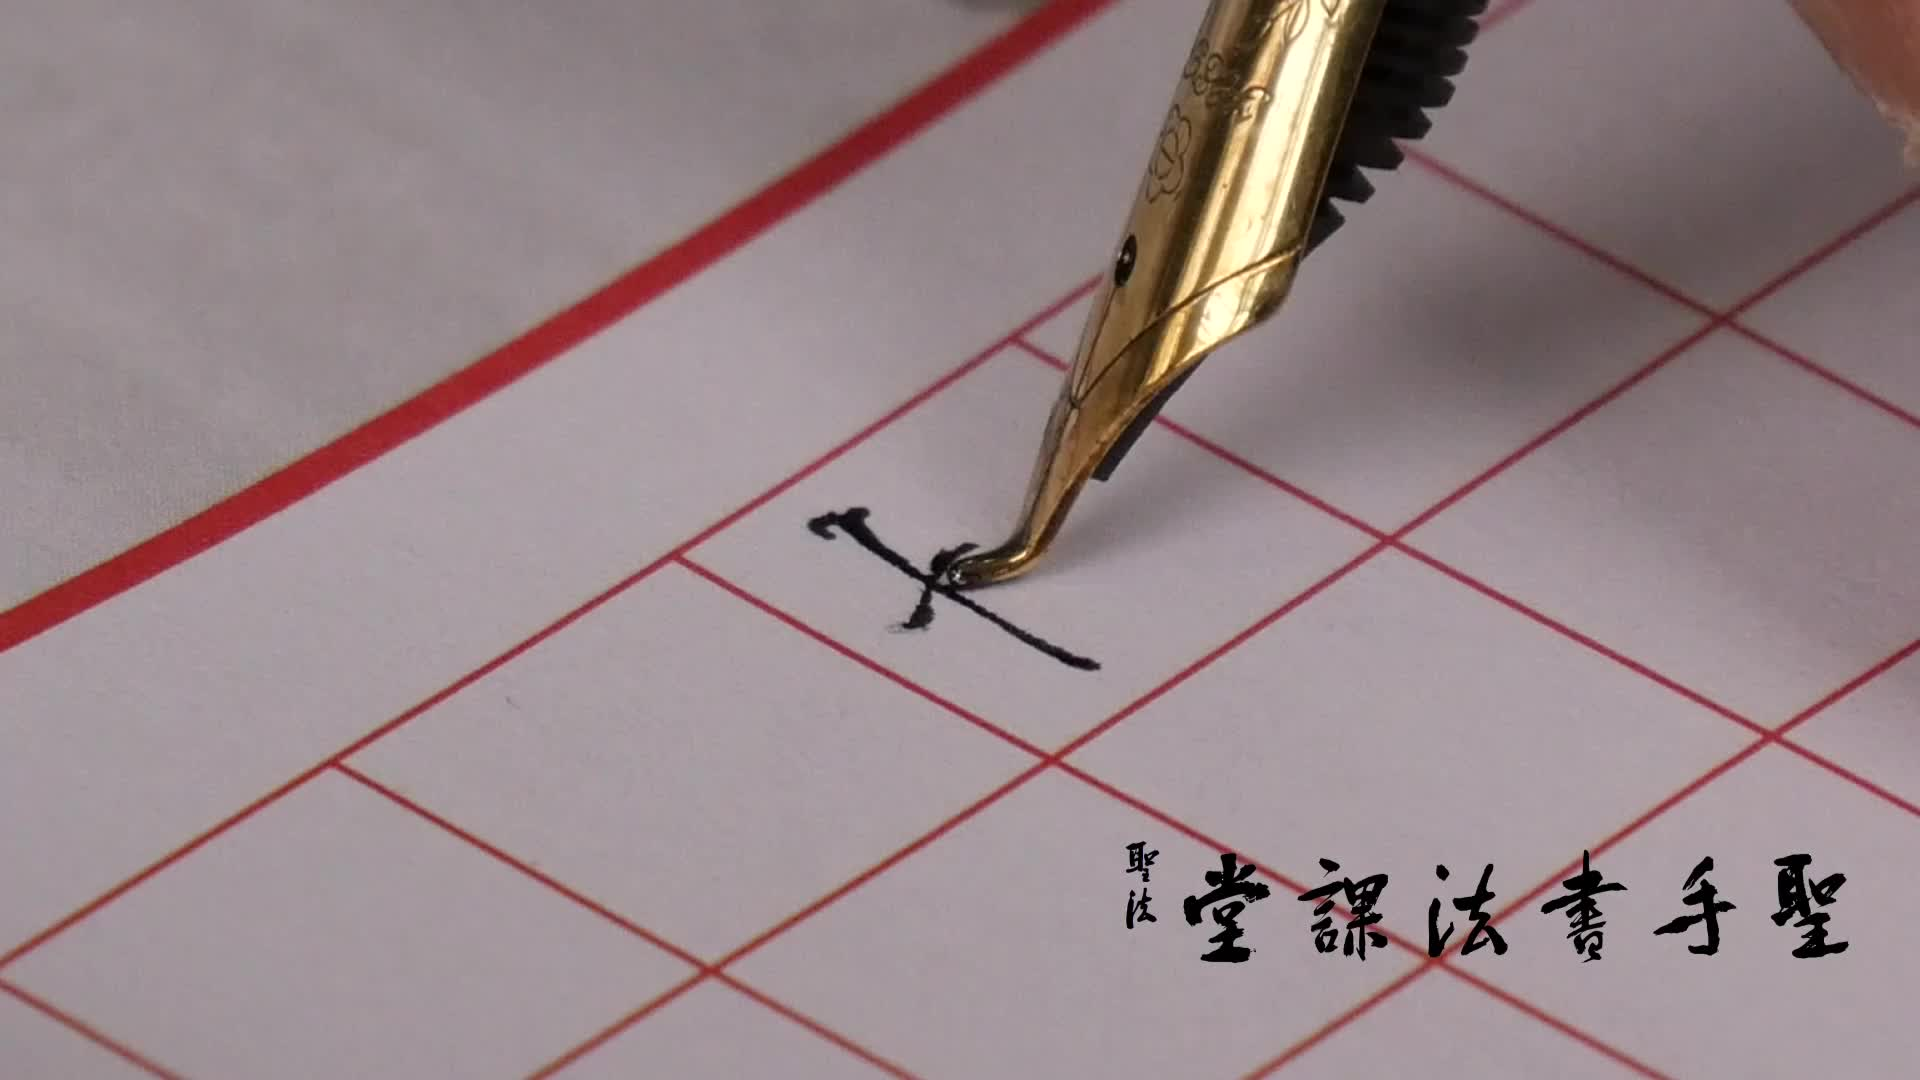 美工笔创作唐诗《村居》融合唐人写经《阿弥陀佛》